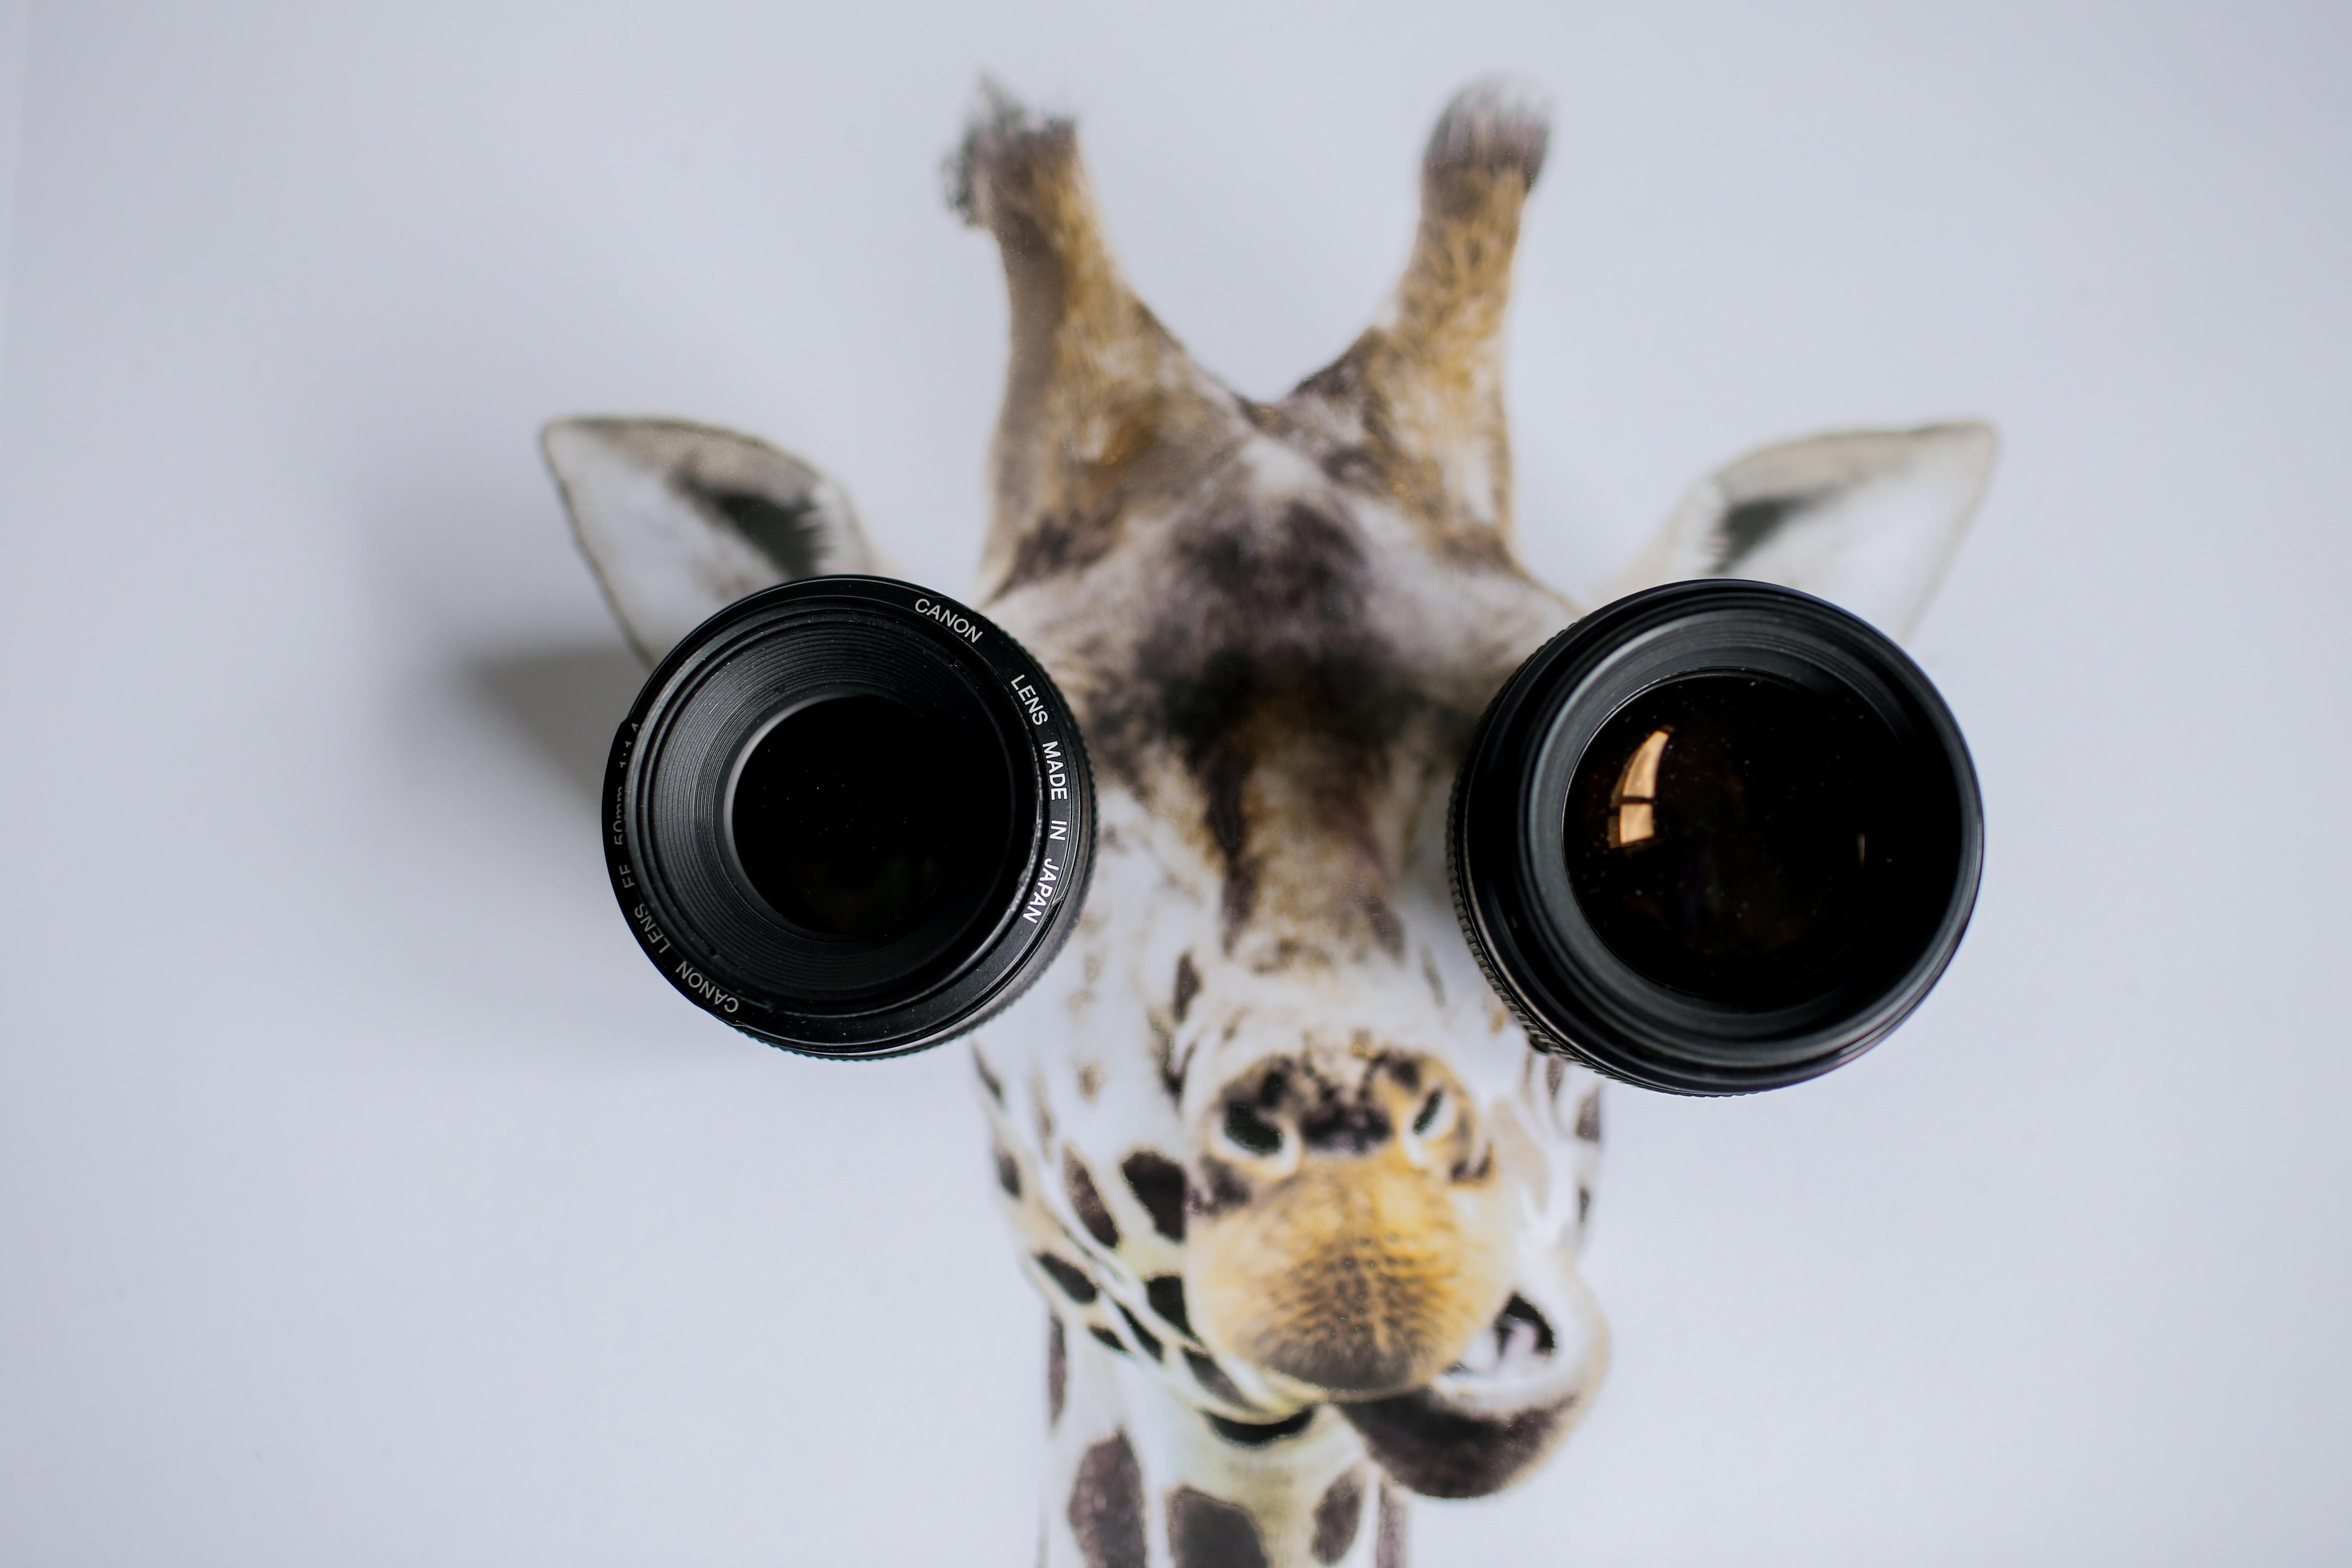 高光谱相机Two camera lenses on a picture of a giraffe's head